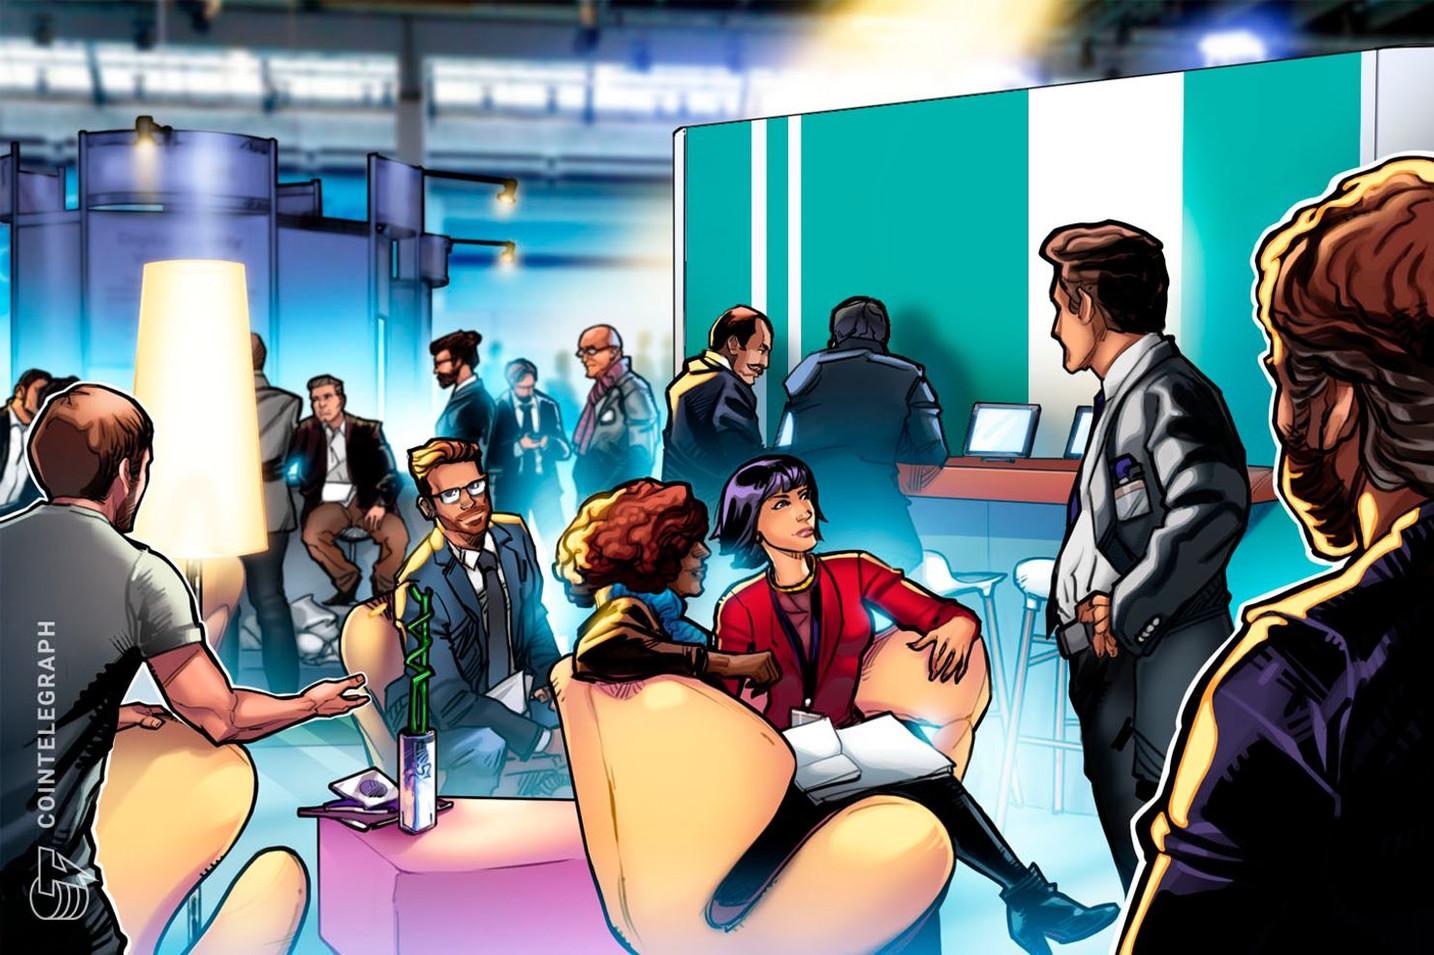 【イベントレポート】「ブロックチェーンとコミュニティの未来」を見据える先駆者達の価値観を知る